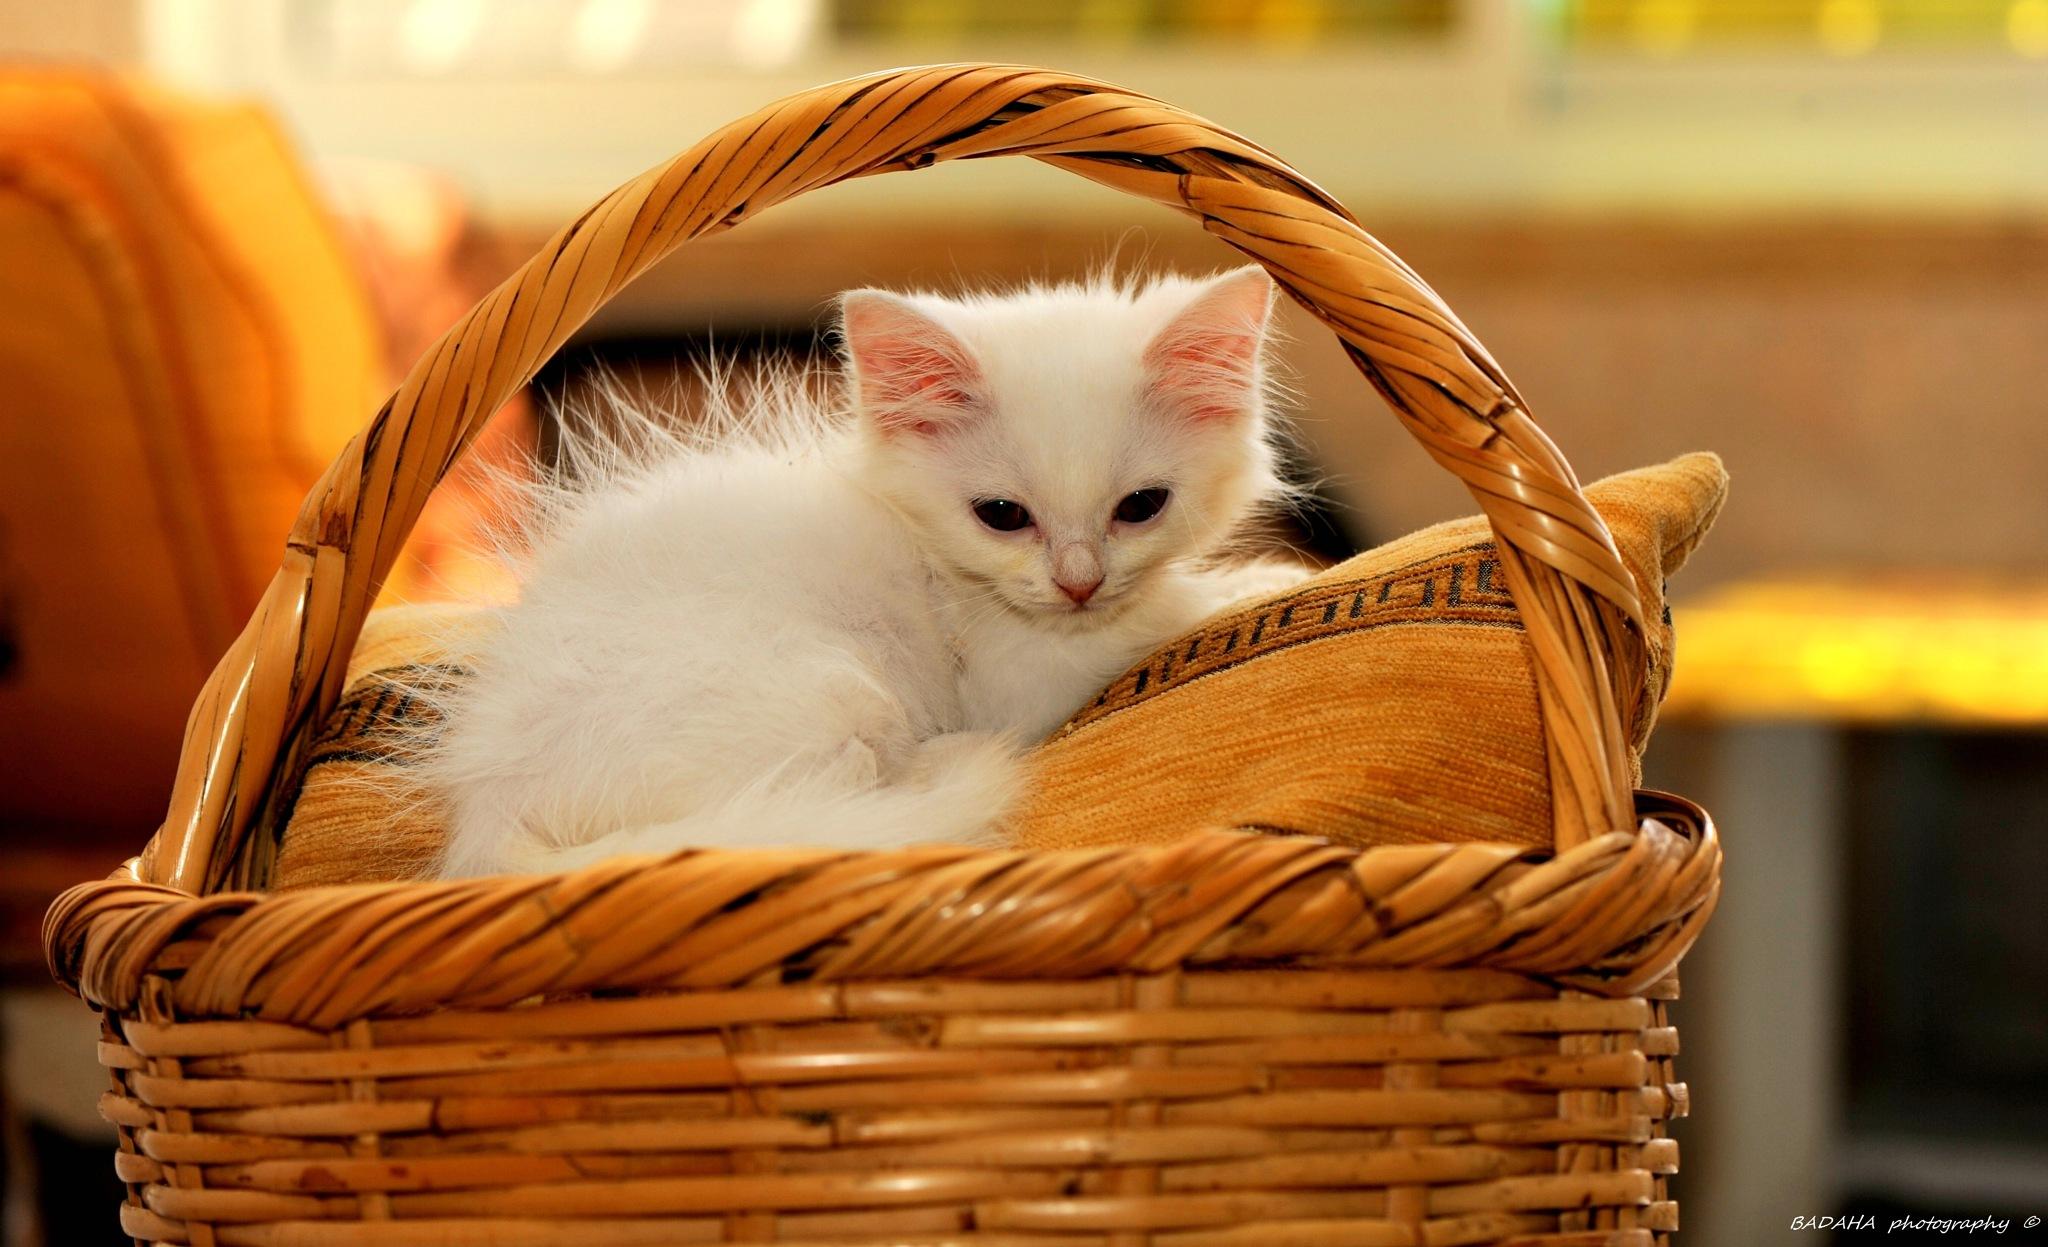 my cat..! by Mohammad Badaha